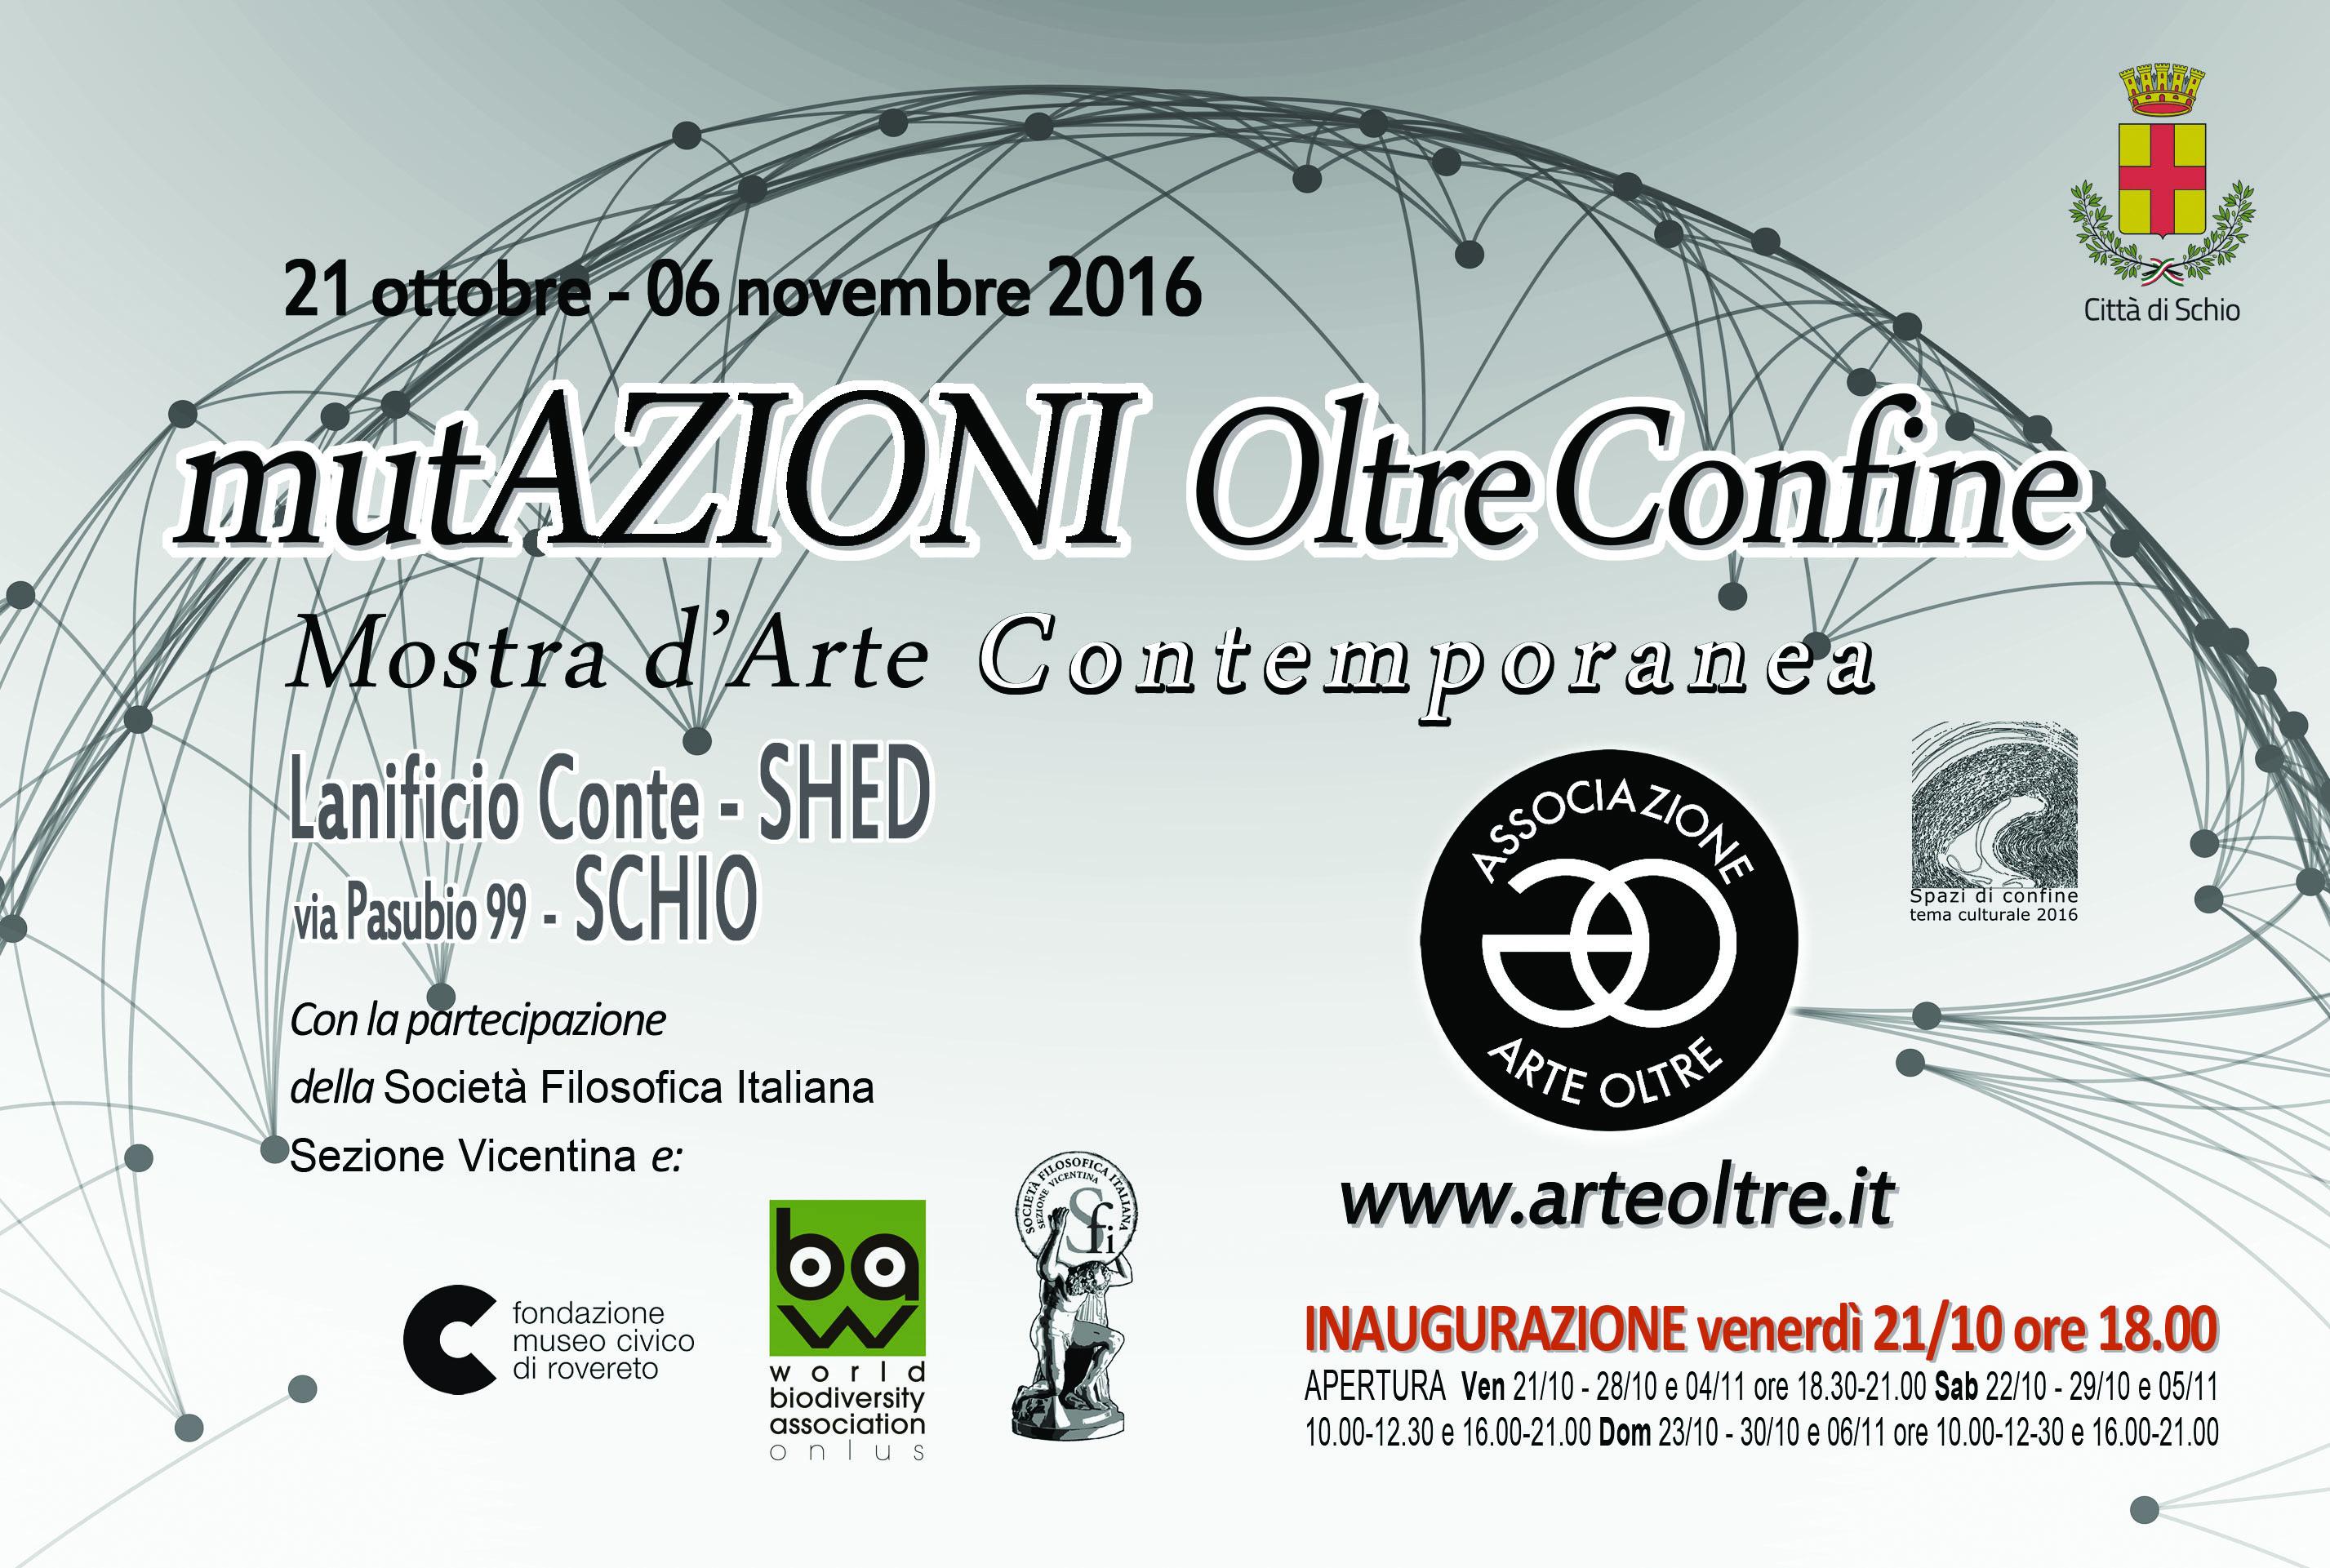 volantino-orrizz-2016